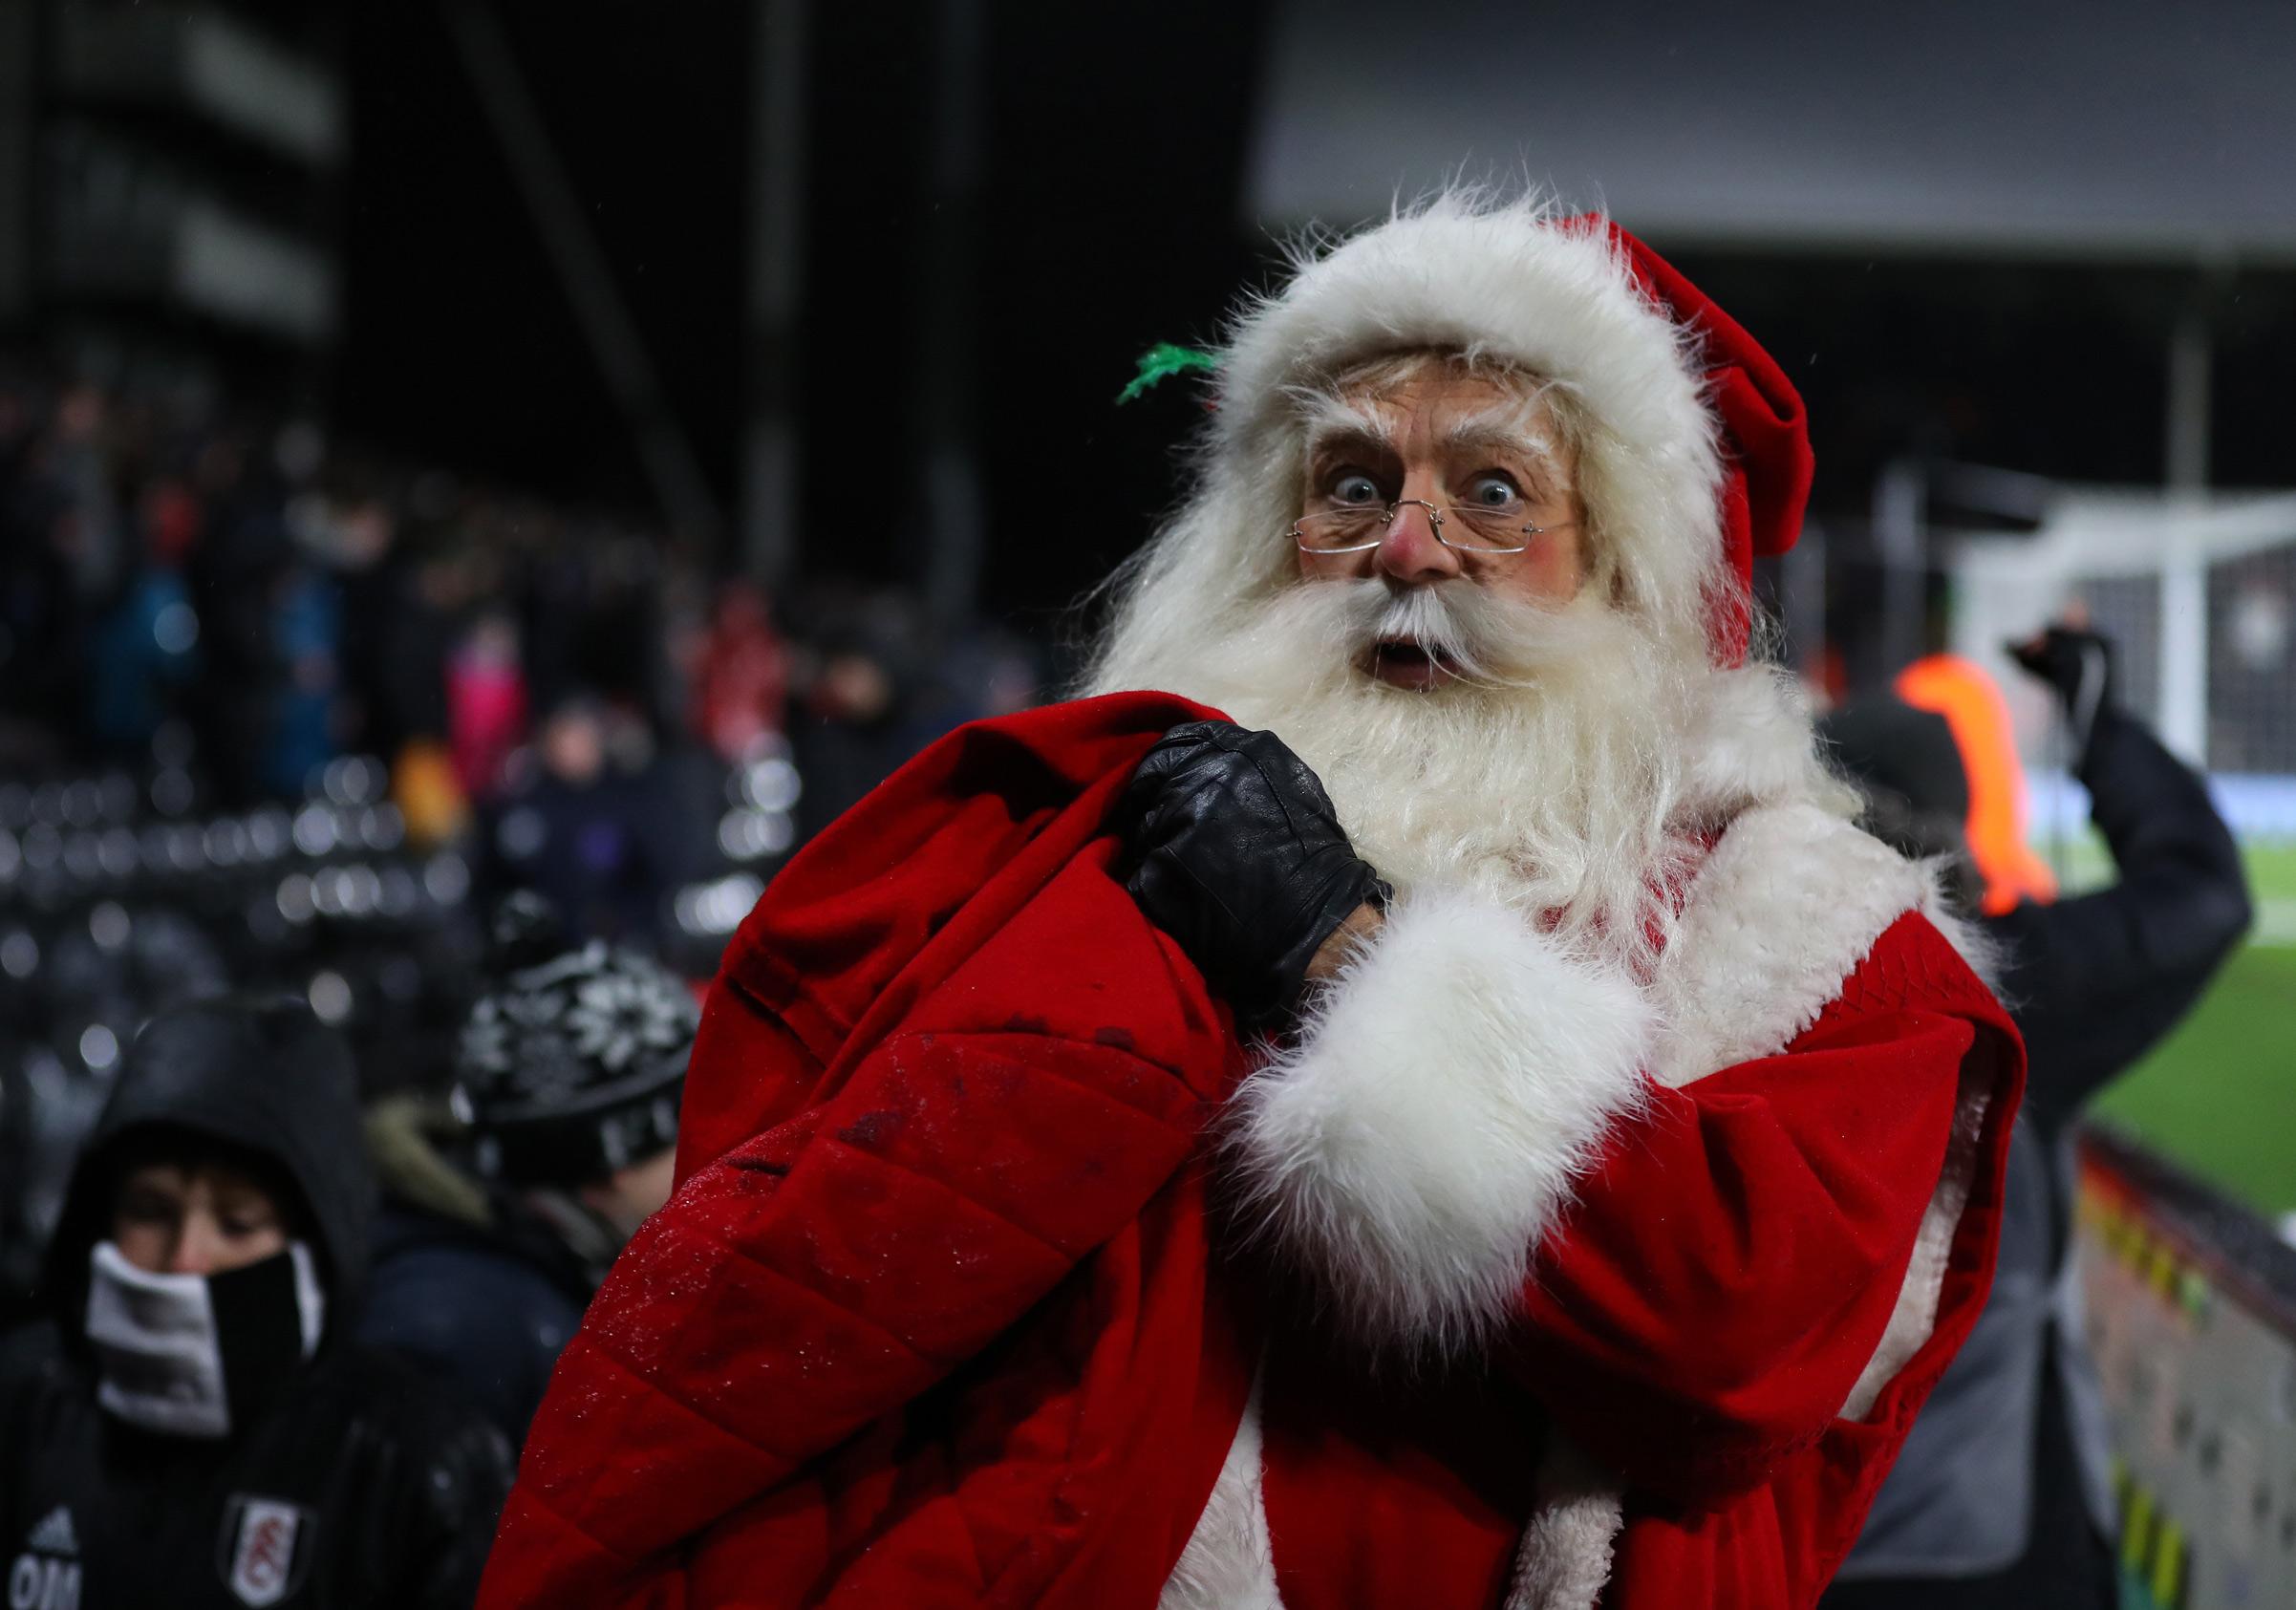 #MeToo: «Пожалуйста, не нападайте на Санта-Клауса»